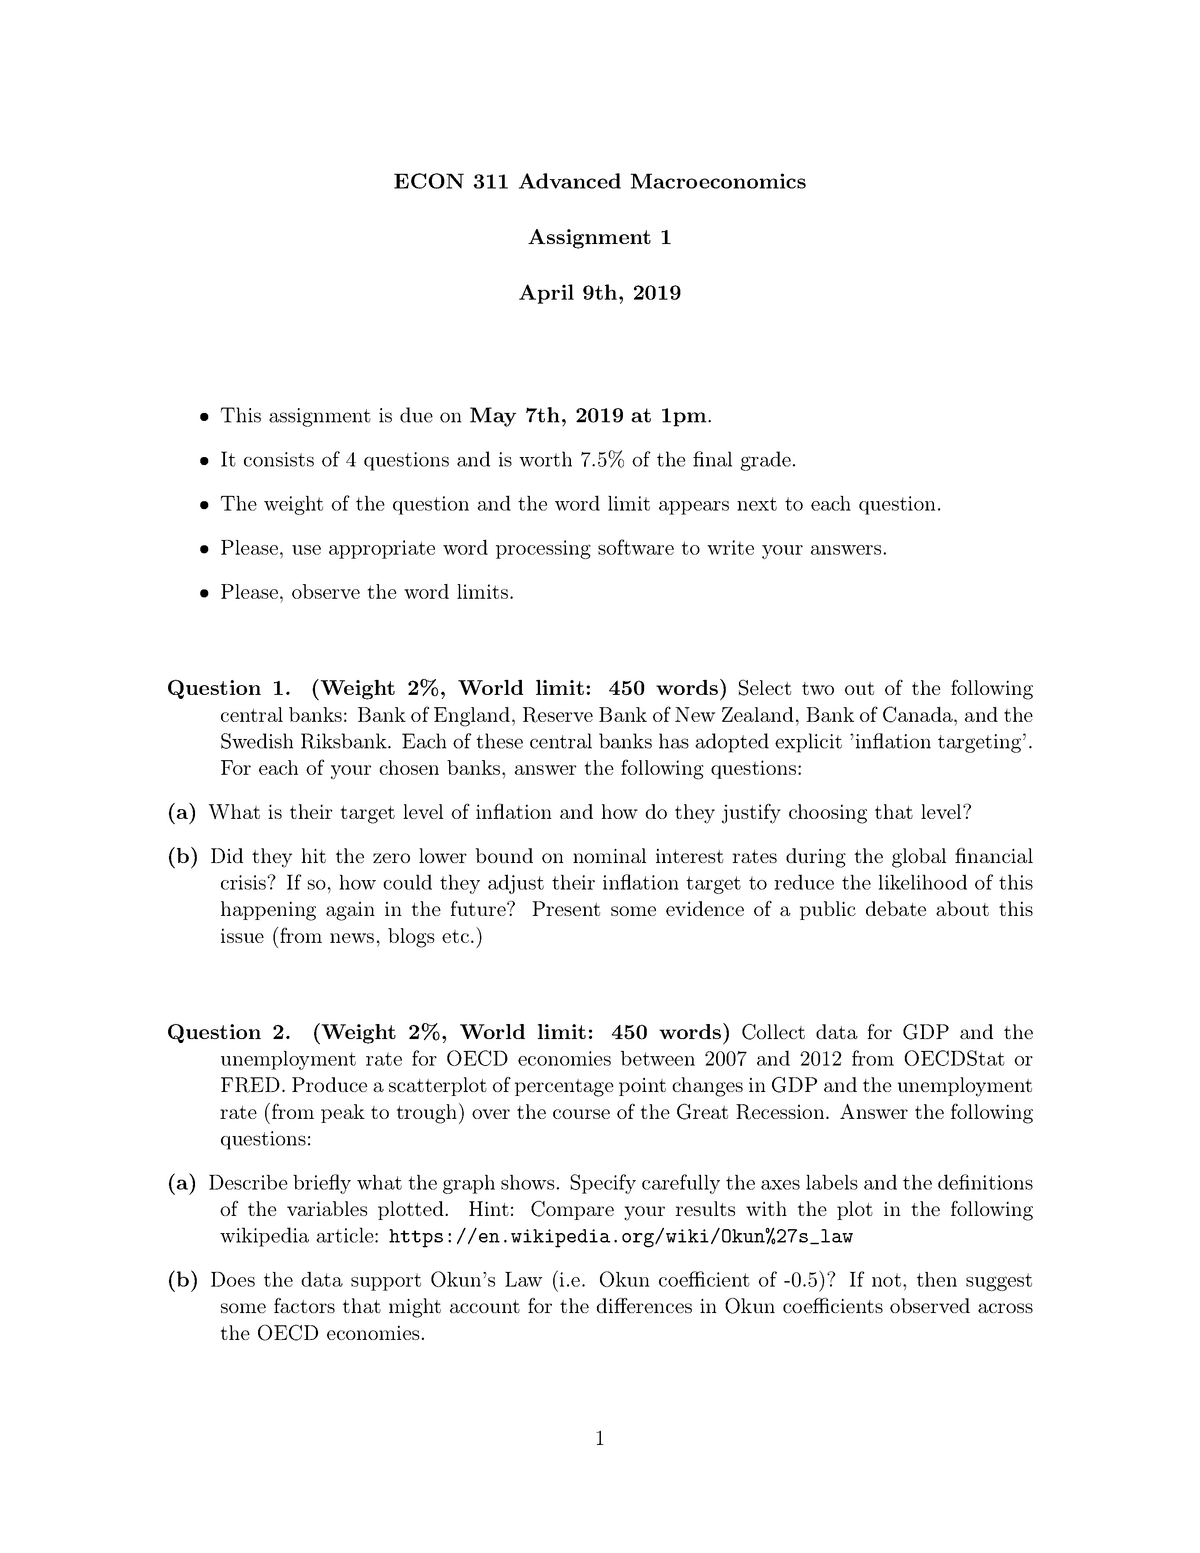 ECON 311 Assignment 1 - ECON311: Advanced Macroeconomics - StuDocu